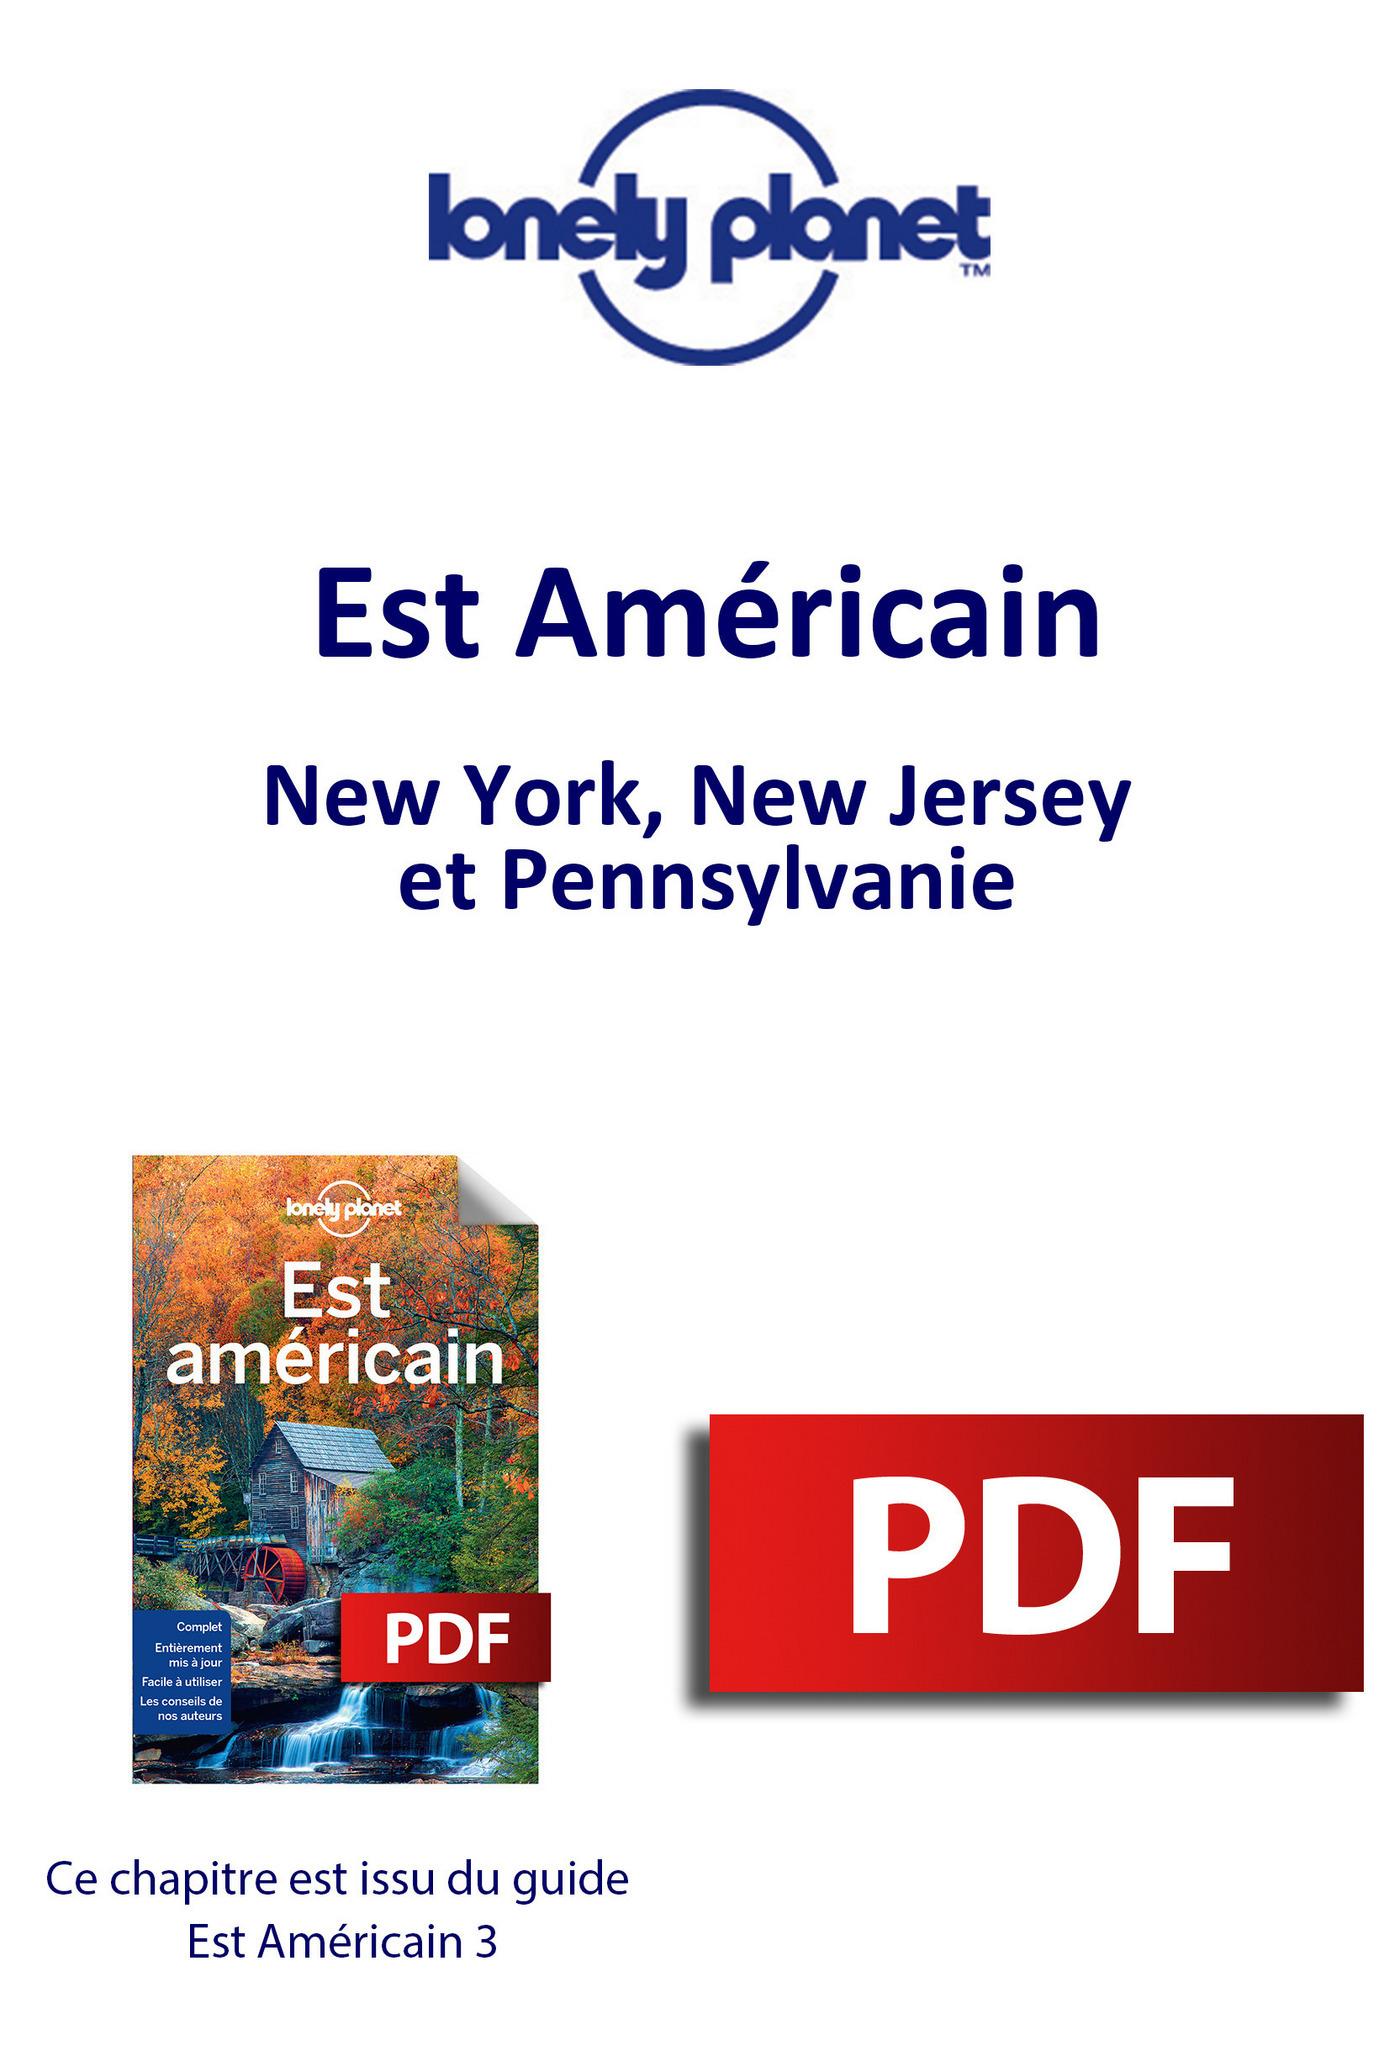 Est Américain - New York, New Jersey et Pennsylvanie